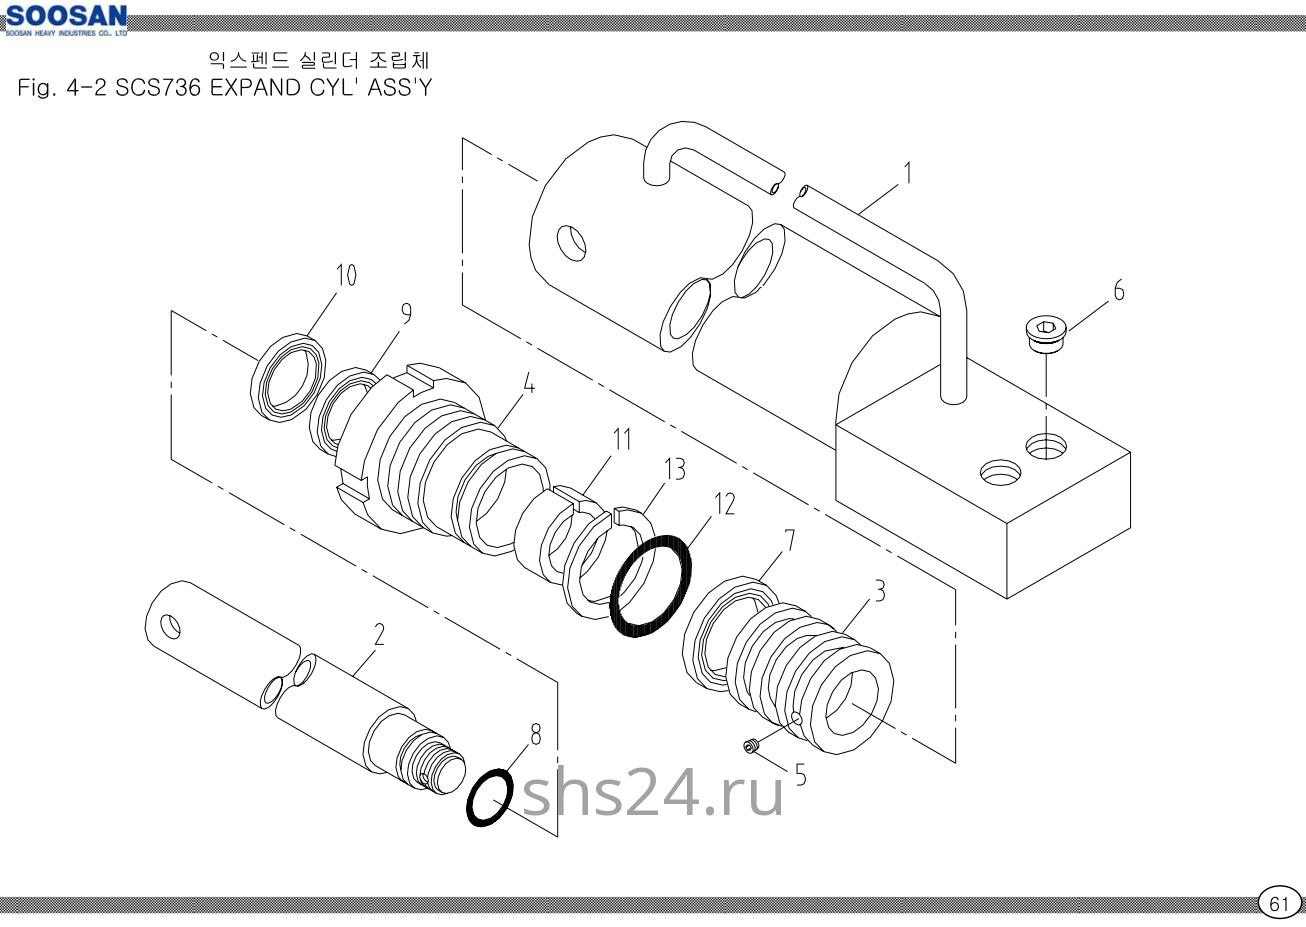 Гидроцилиндр выдвижения переднего аутригера Soosan SCS 736